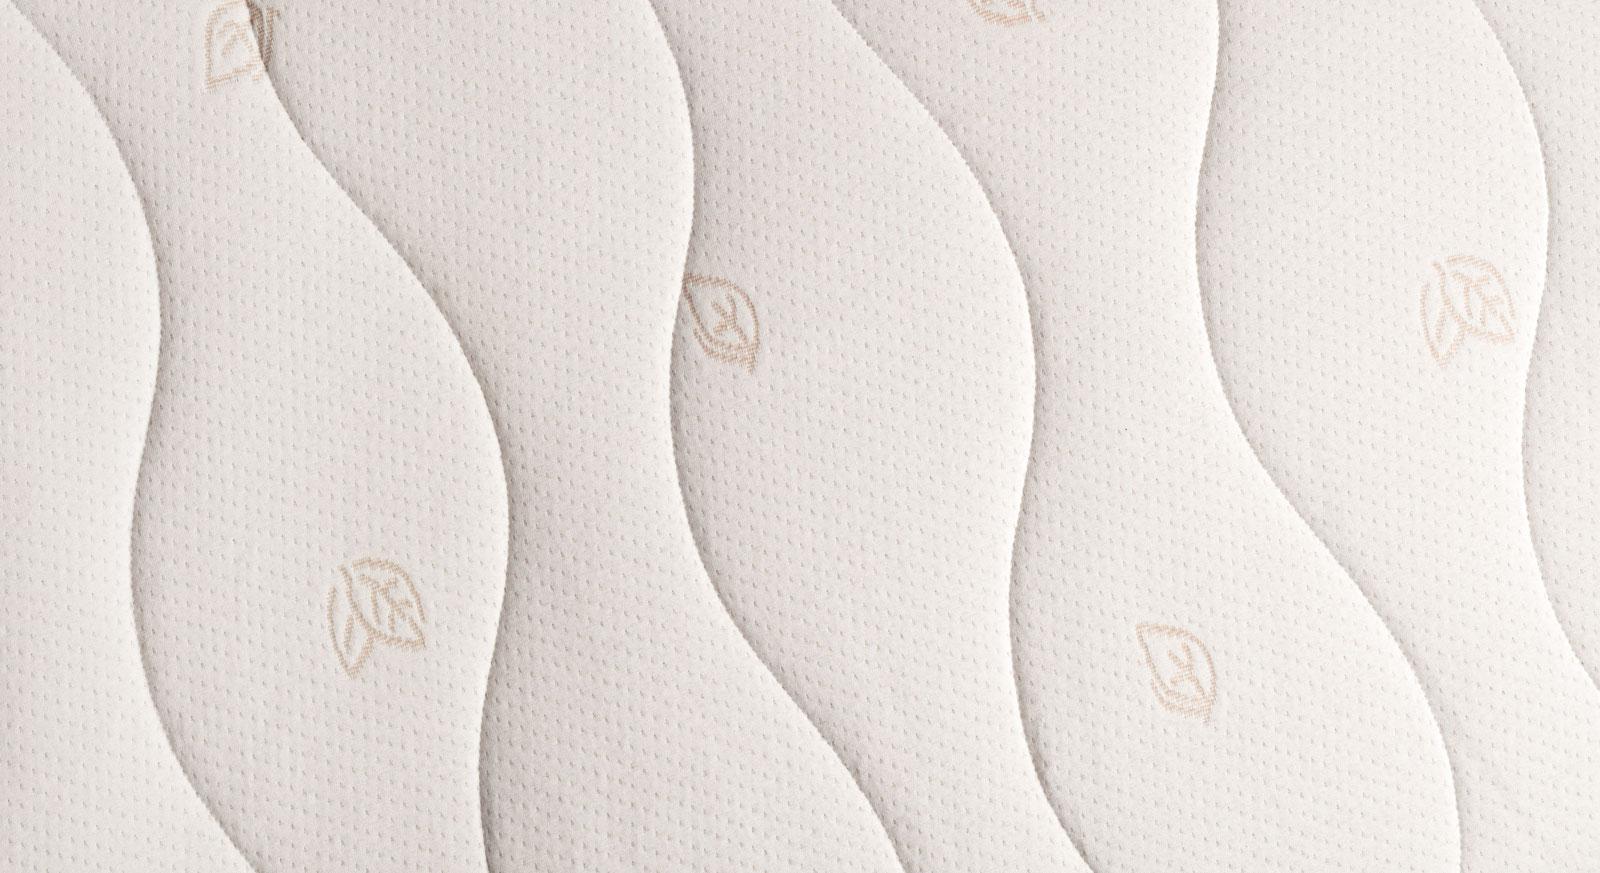 Naturlatex-Matratze orthowell bio mit elastischem Baumwollbezug